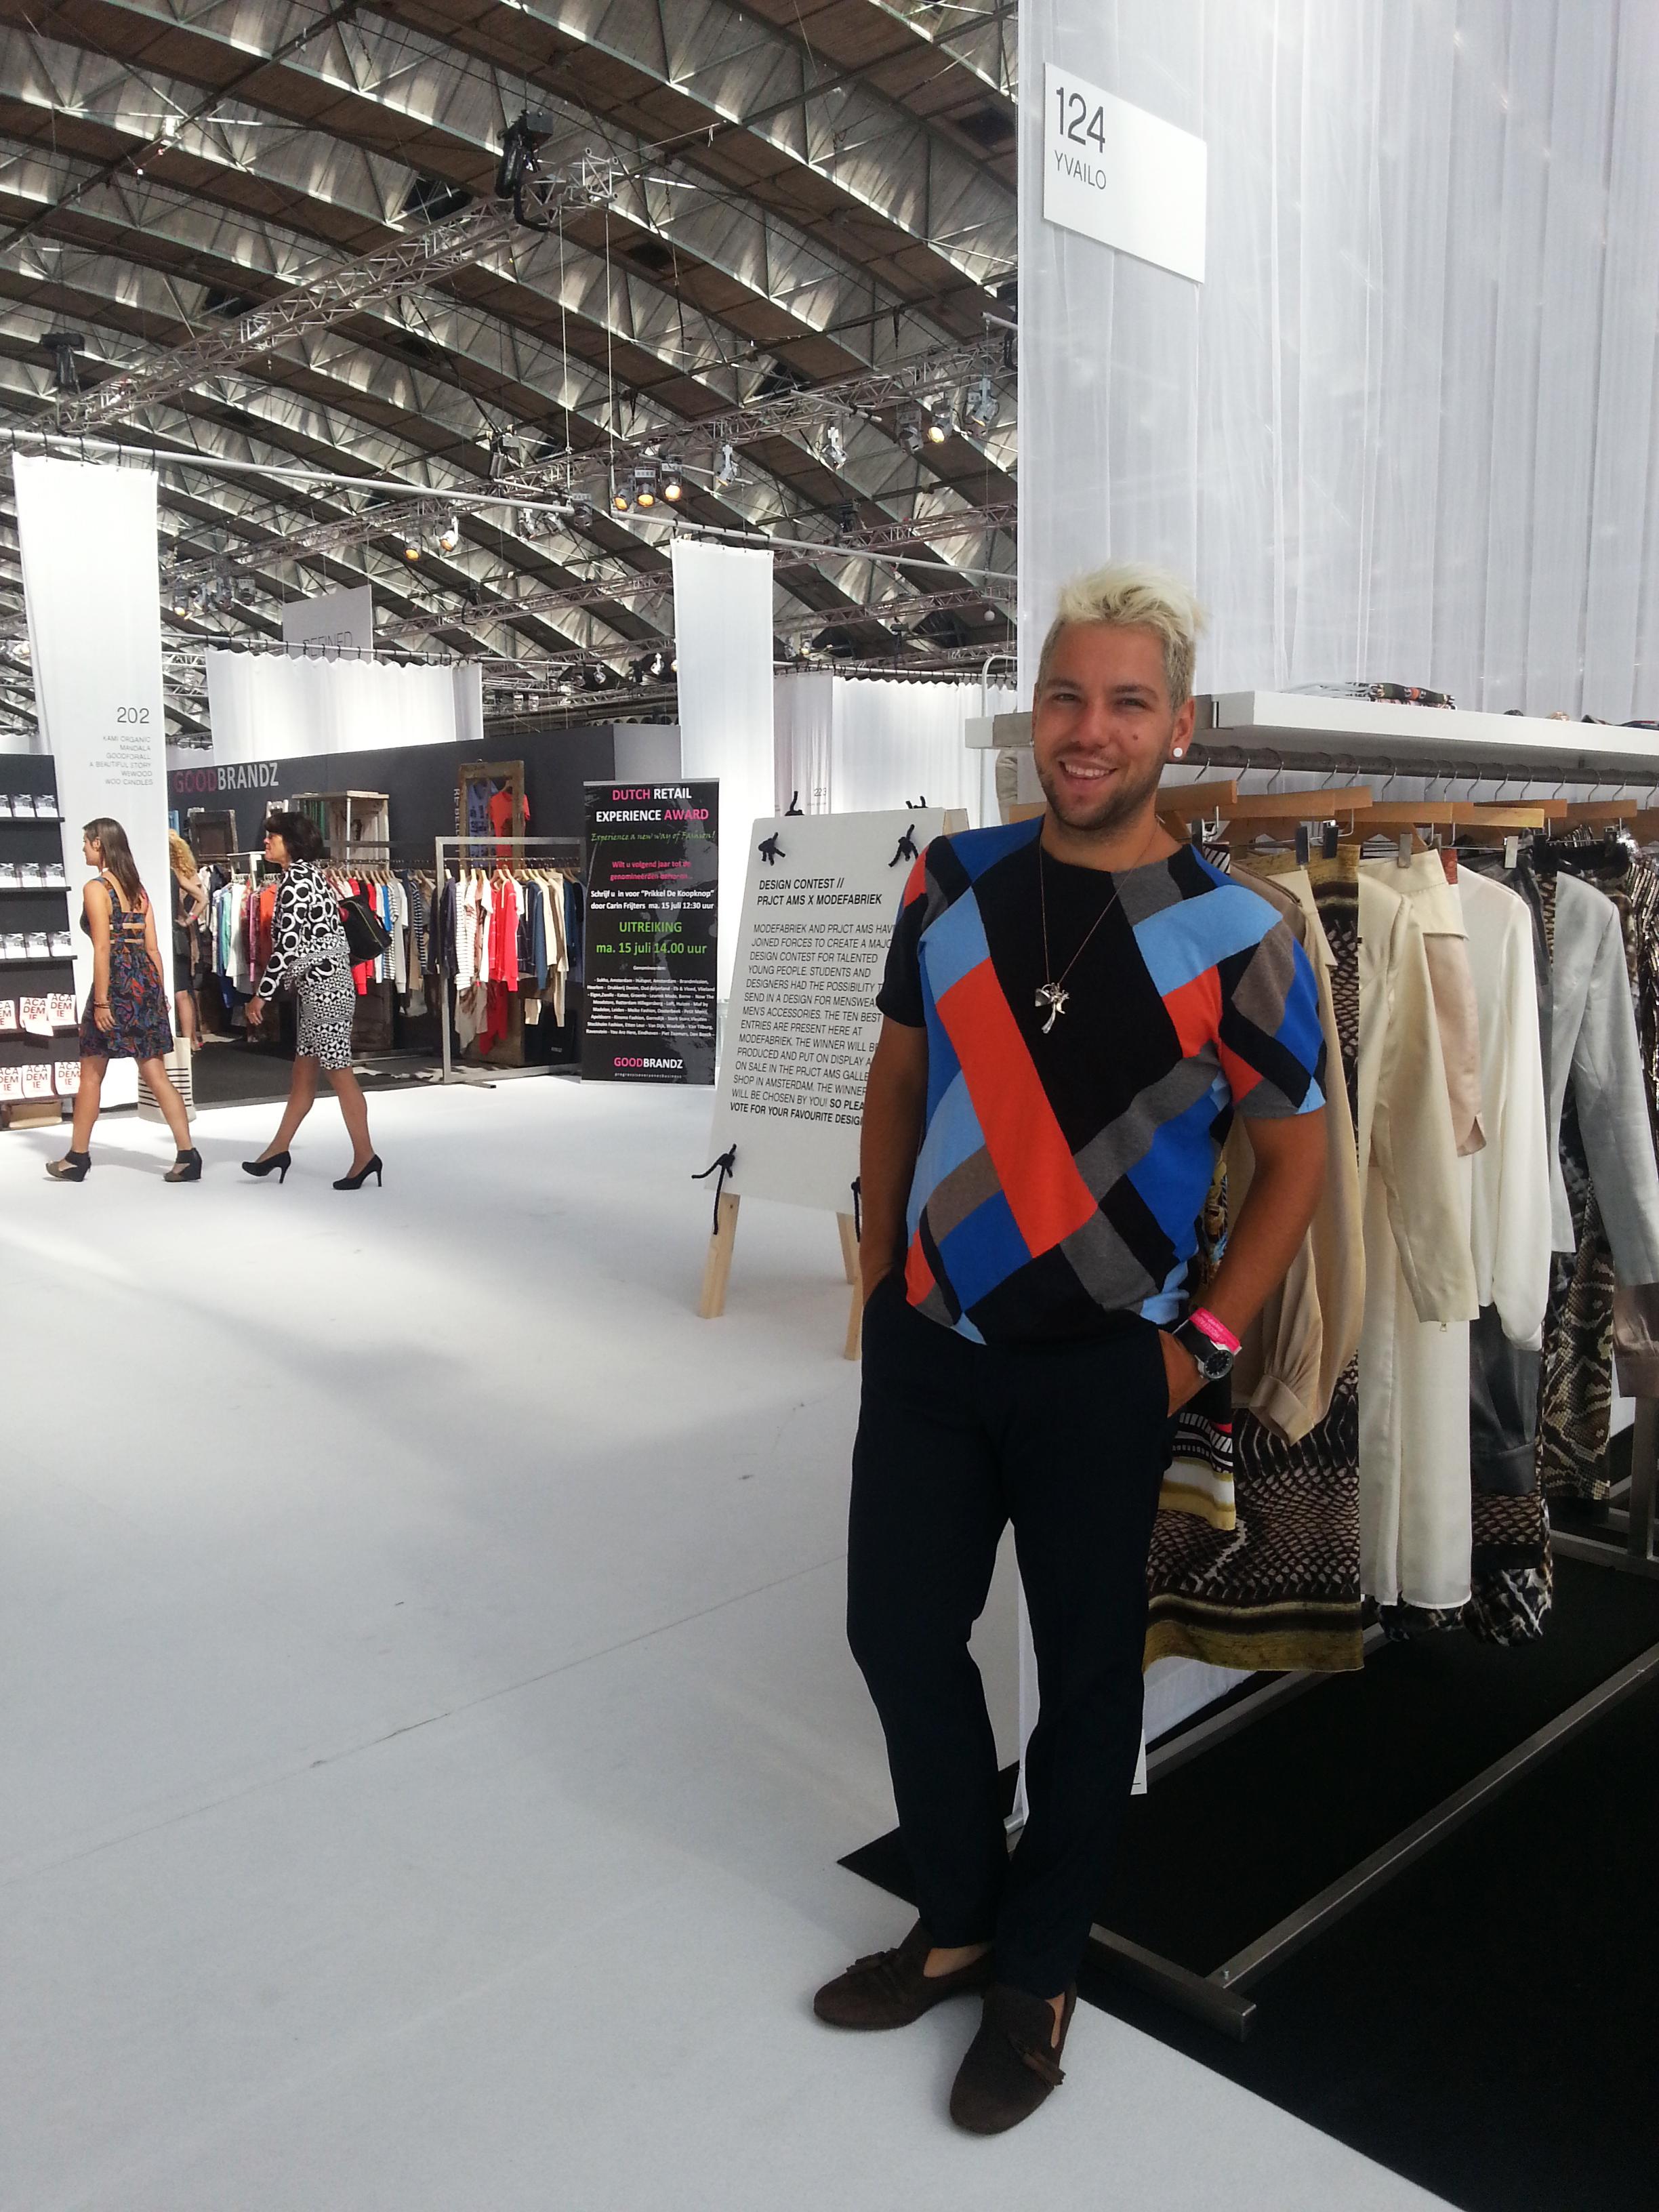 YVAILO: модният бранд, който вярва във вълшебни приказки